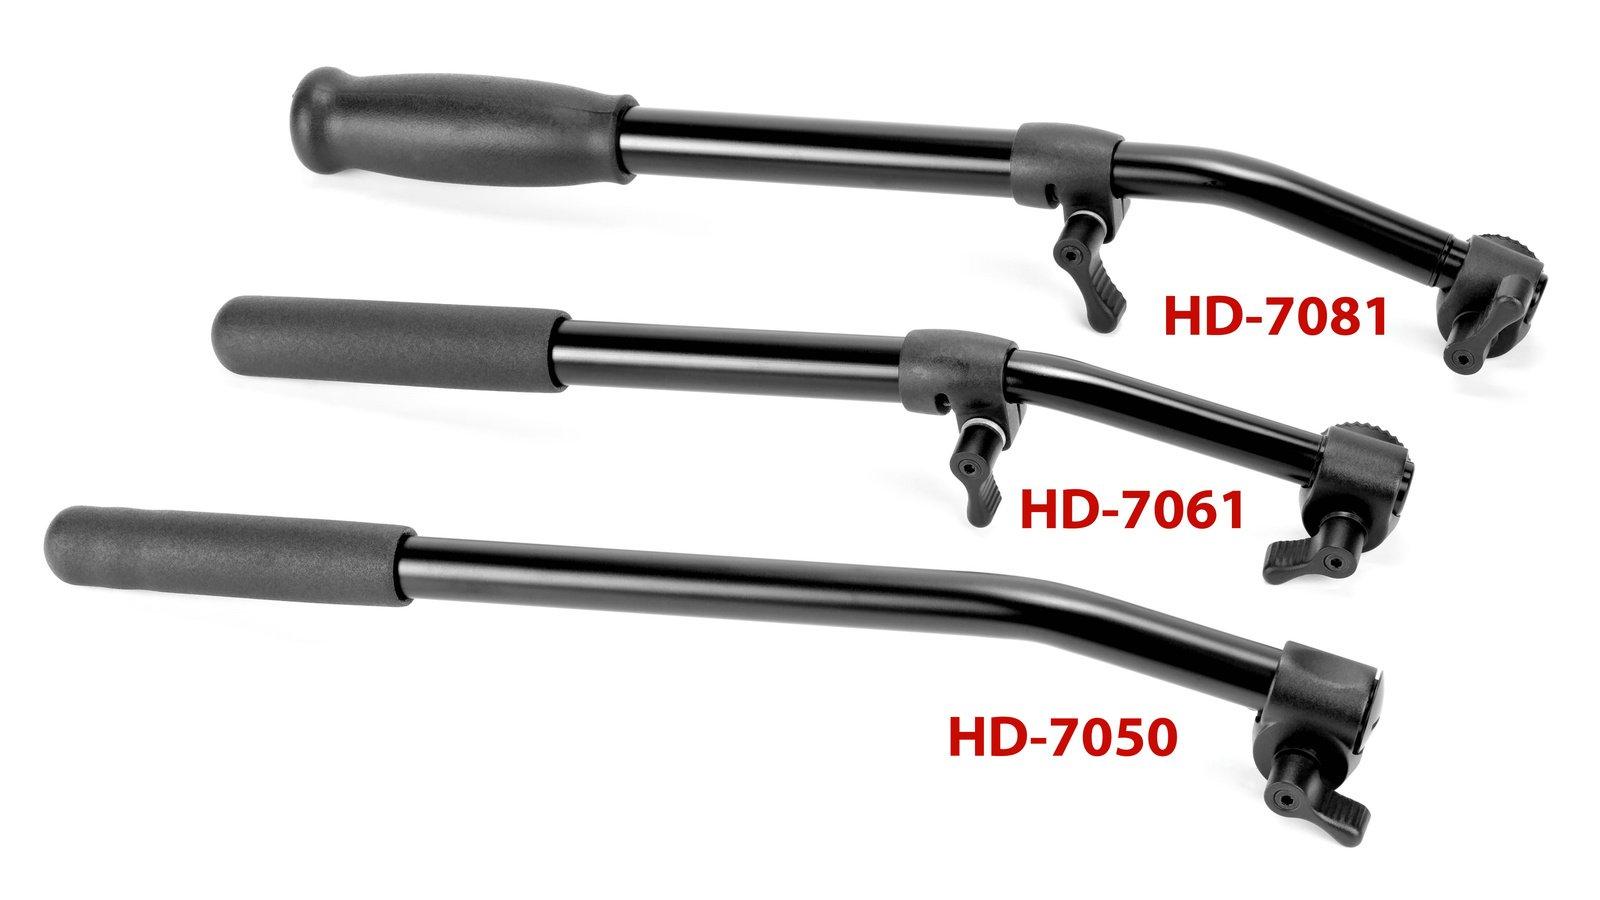 E-IMAGE HD-7050: einfacher Schwenkarm für 706x-Serie Fluidköpfe Foto Nr. 5